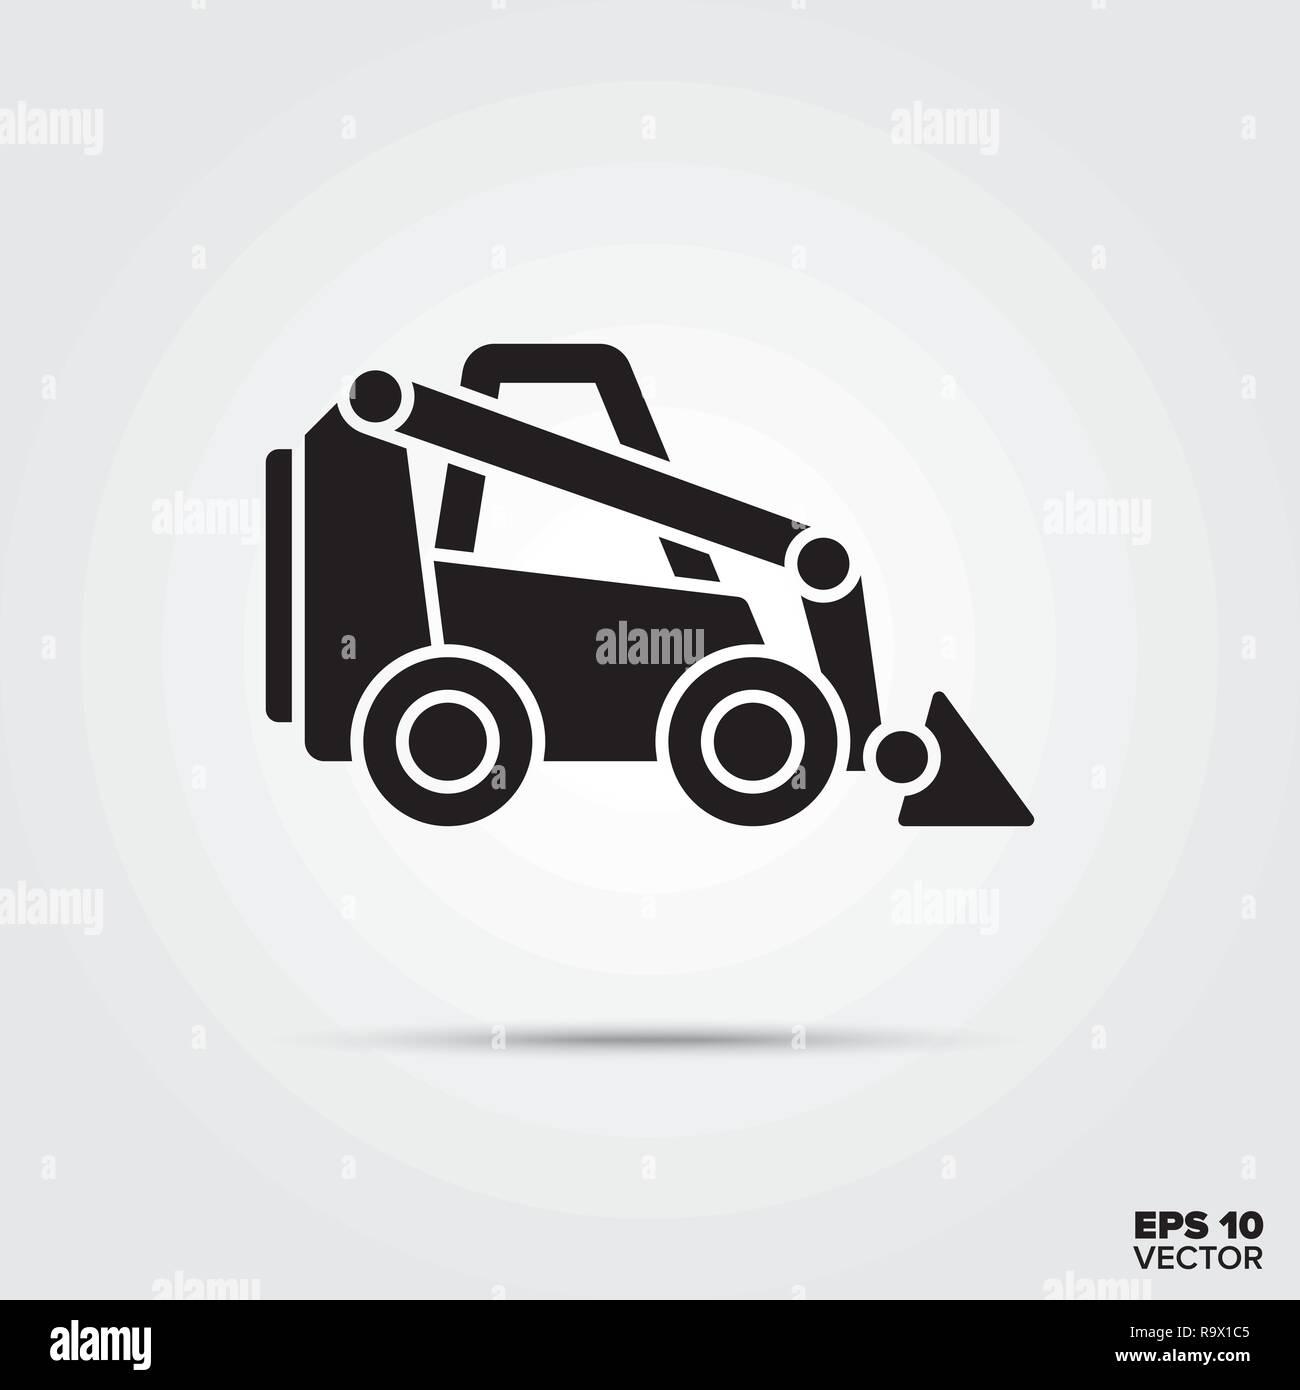 L'icône Auto mini-vecteur. Symbole de l'équipement de construction. Photo Stock